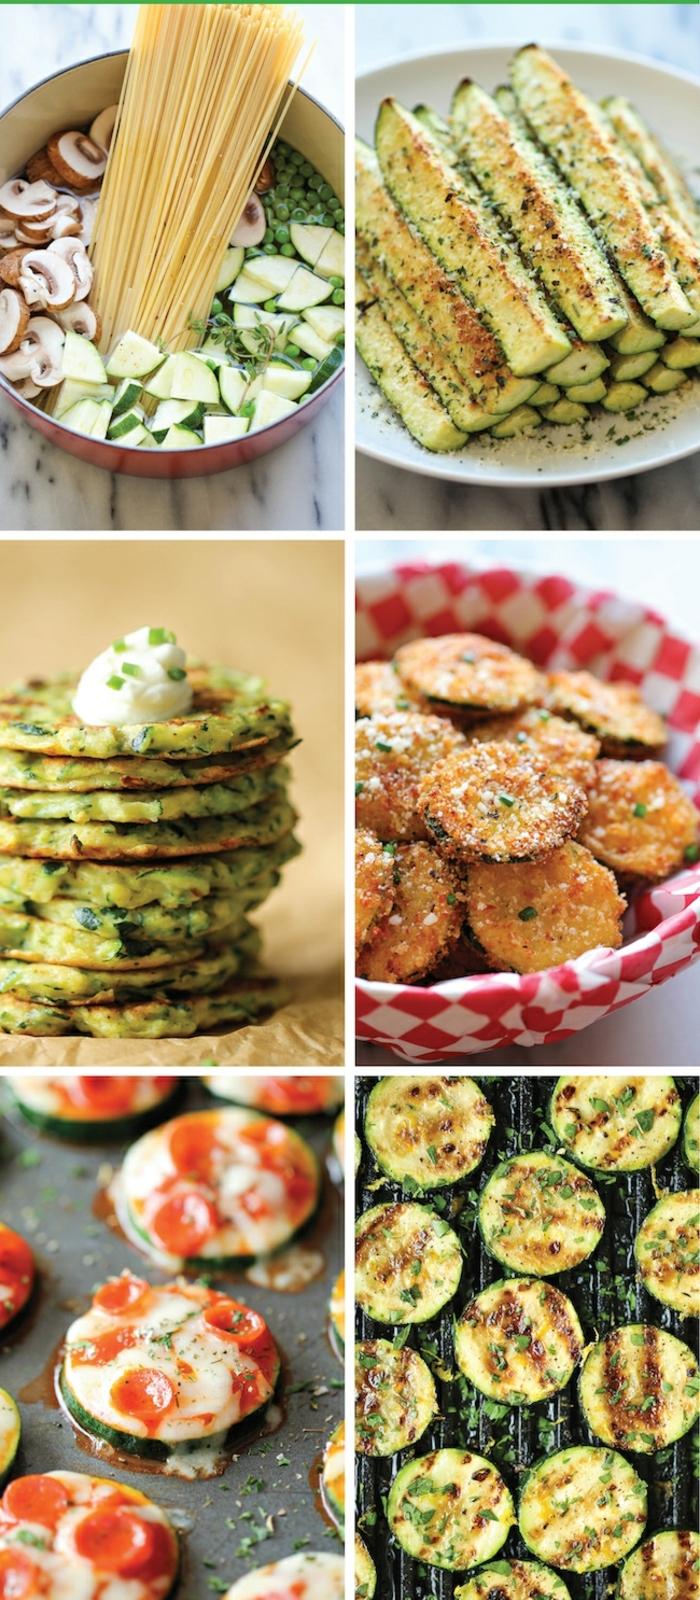 recetas únicas de calabacines, ideas de comidas de verano, panqueques de calabacines, cenas sanas que no engorden